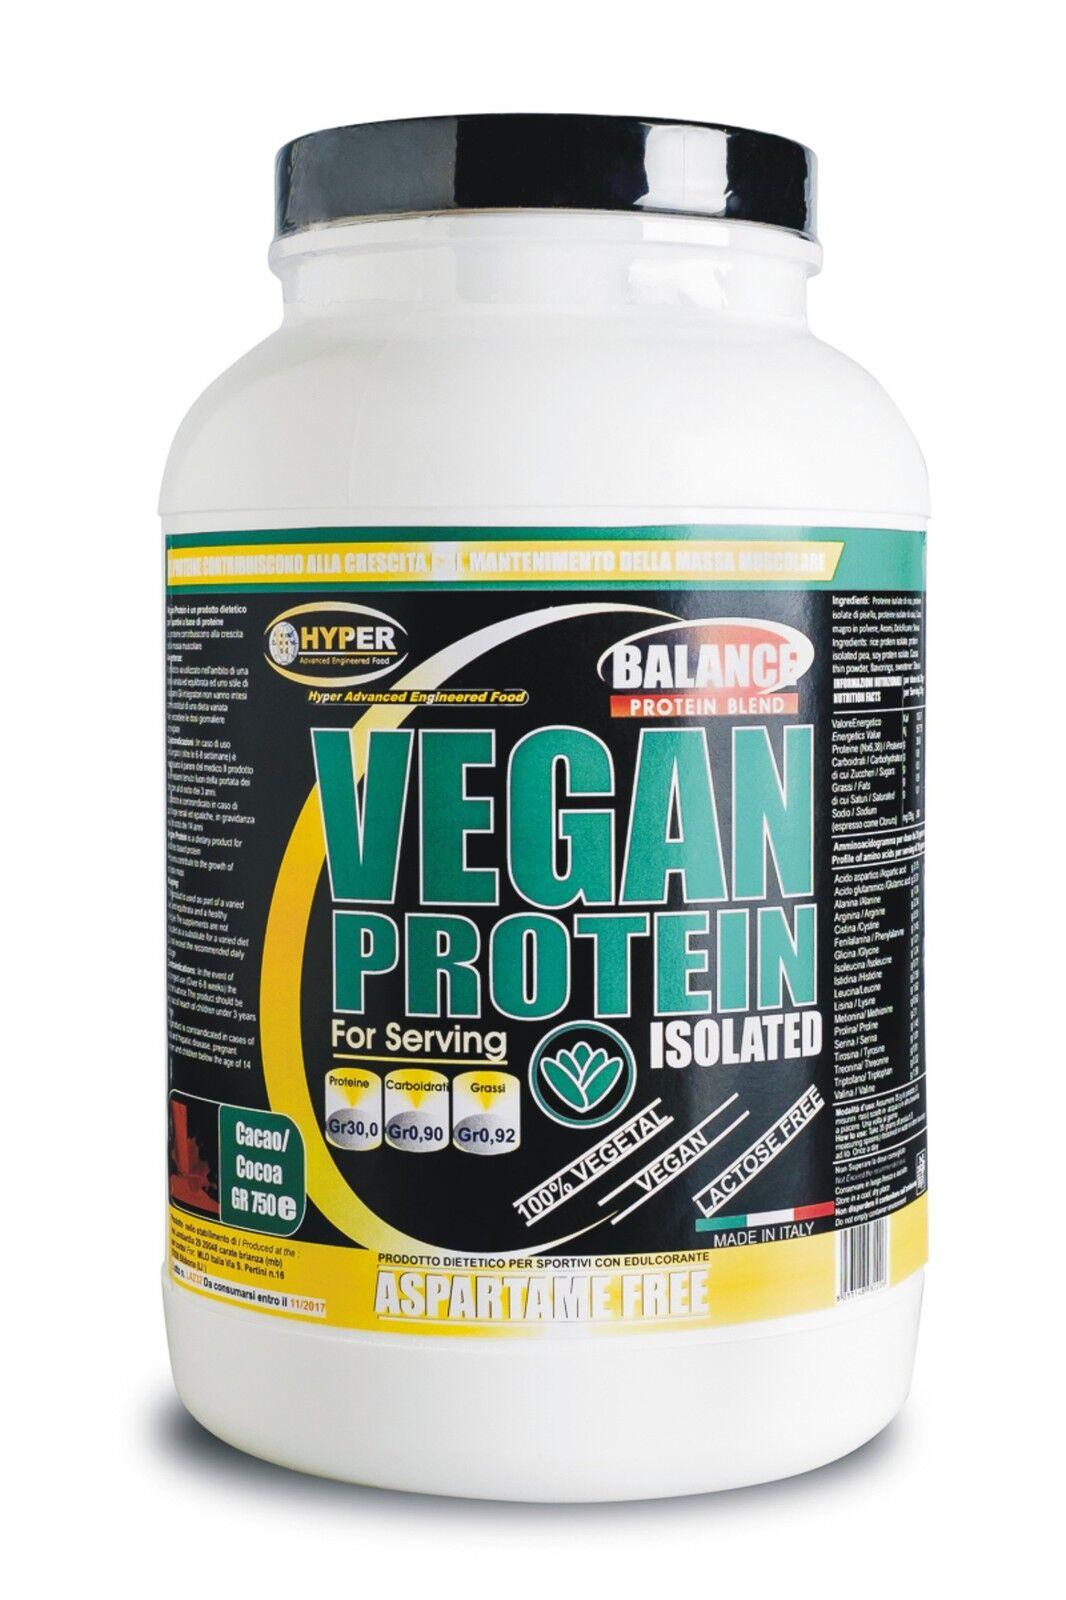 Vegan Protein Pflanzliche Proteine 3 2250 Quellen ohne Aspartam 2250 3 Gramm Vanille 93463d